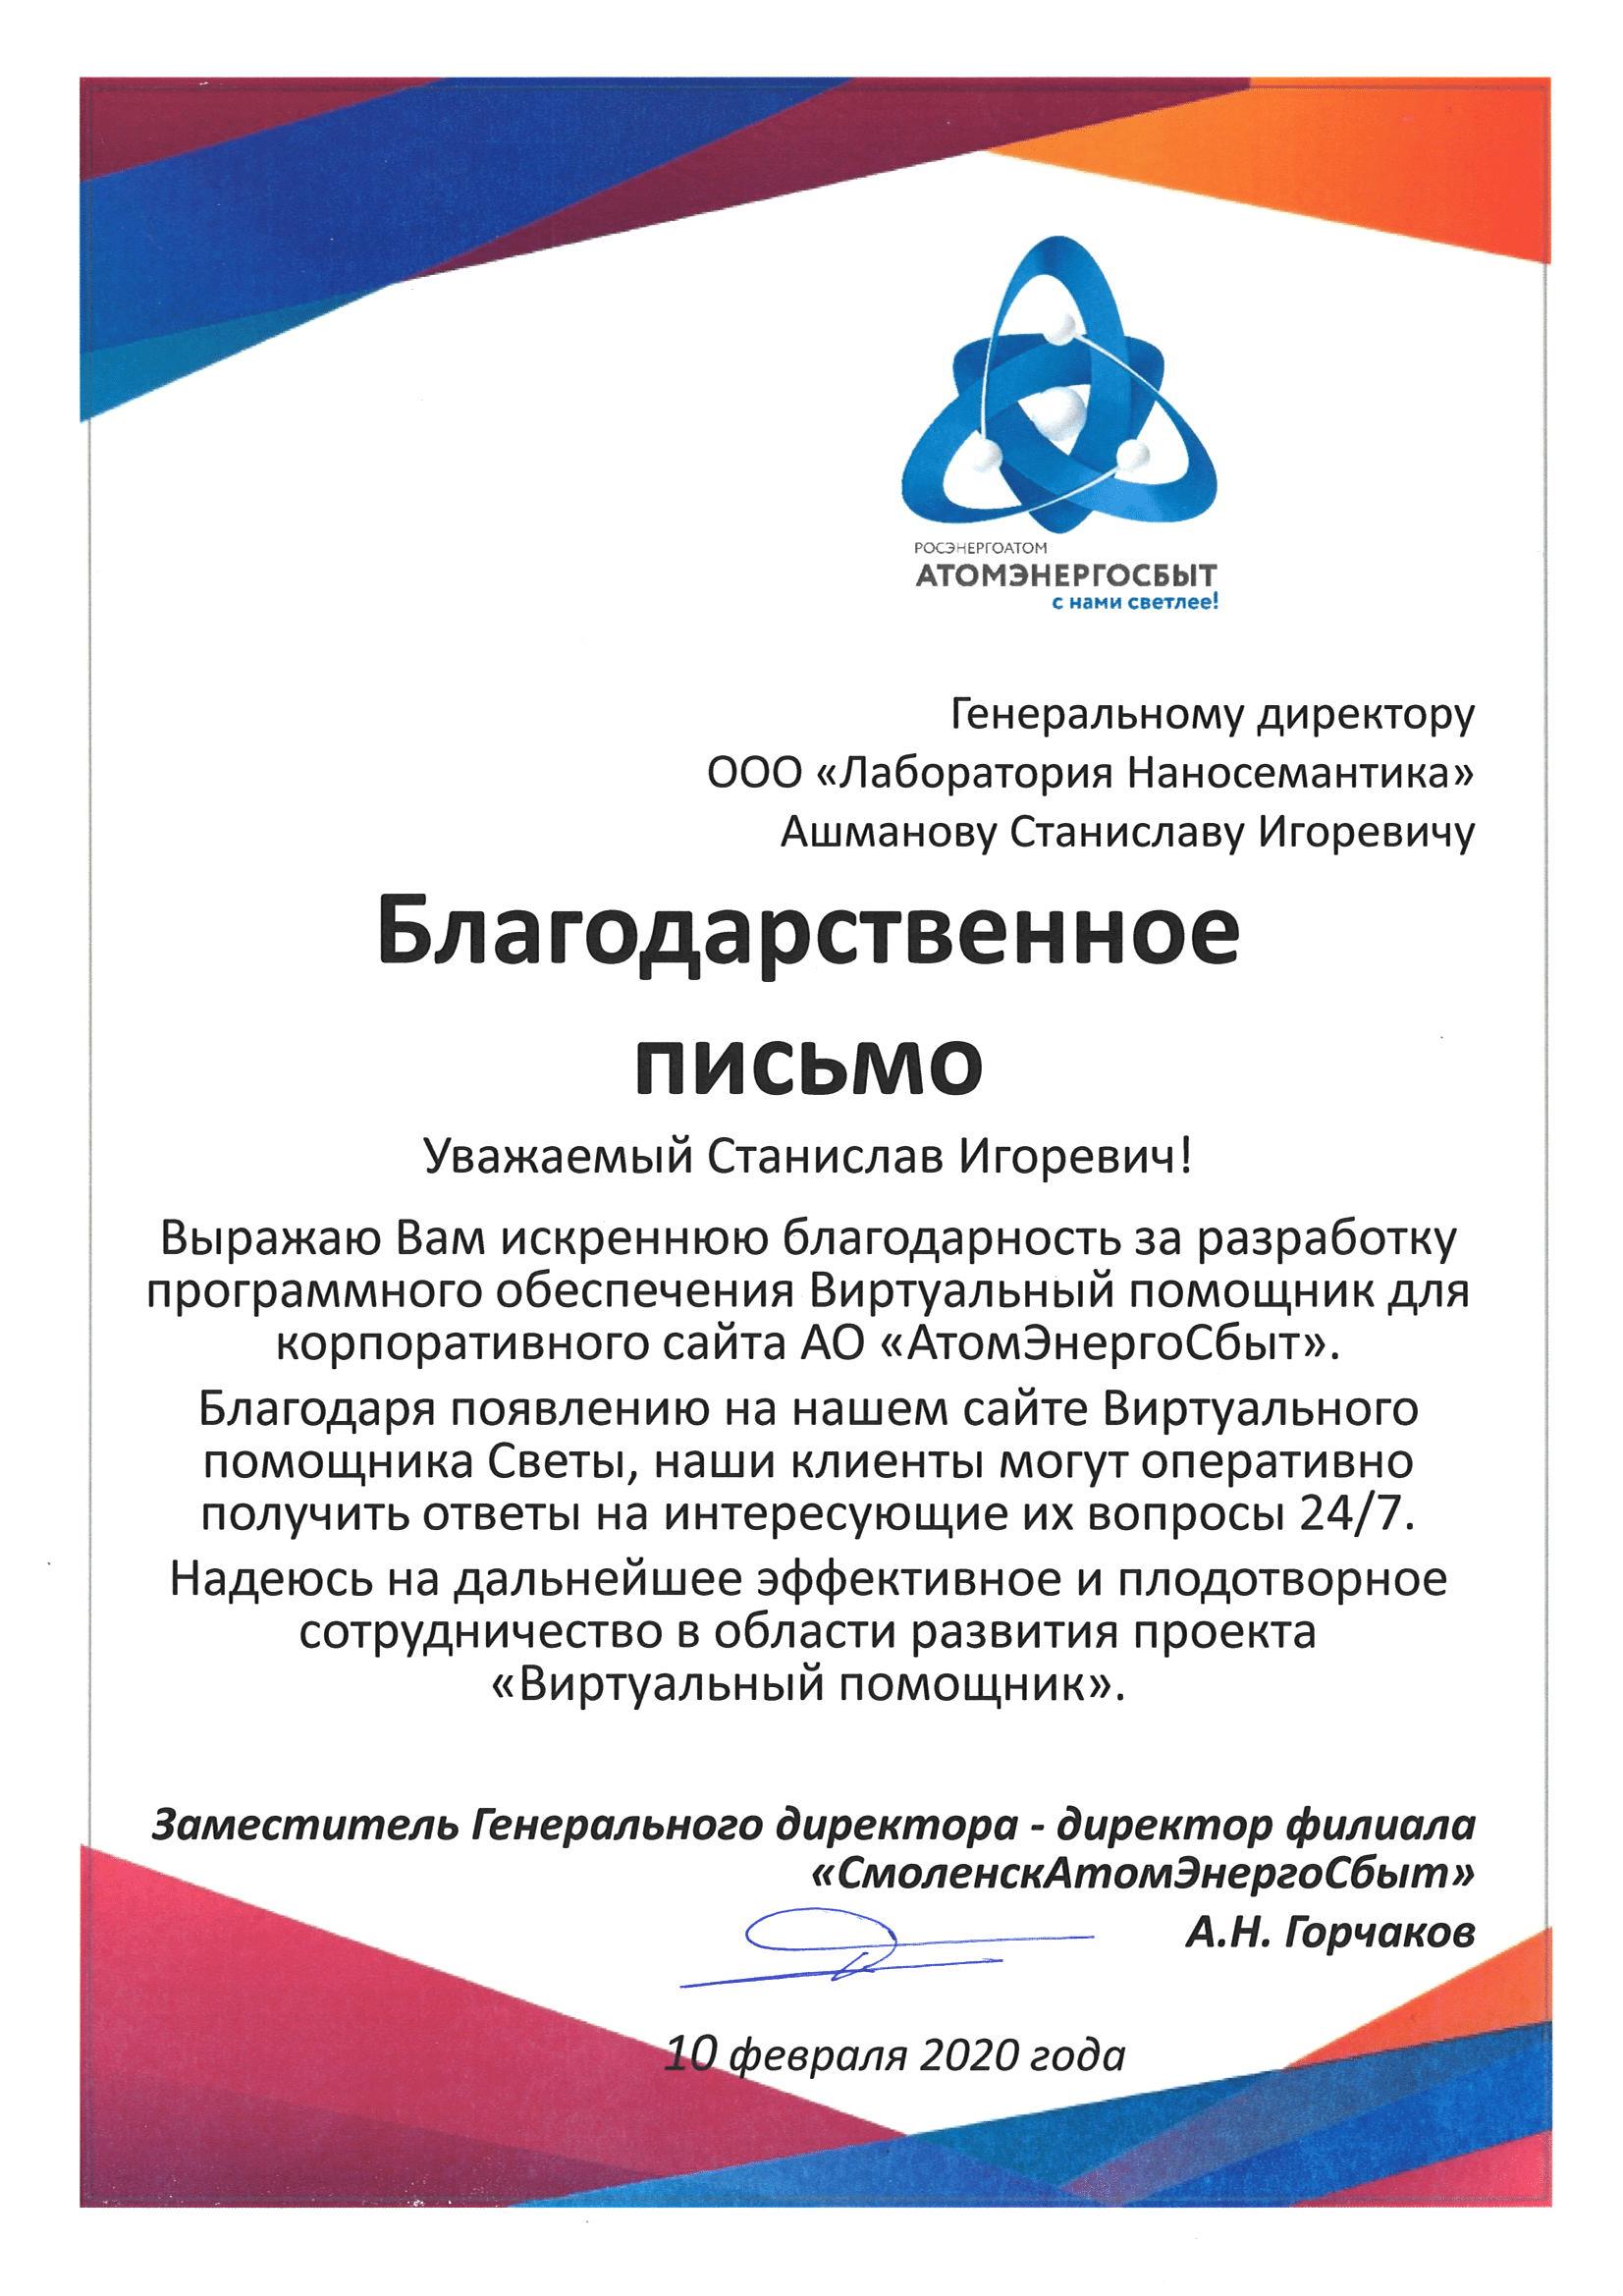 Благодарность Смоленскатом-1